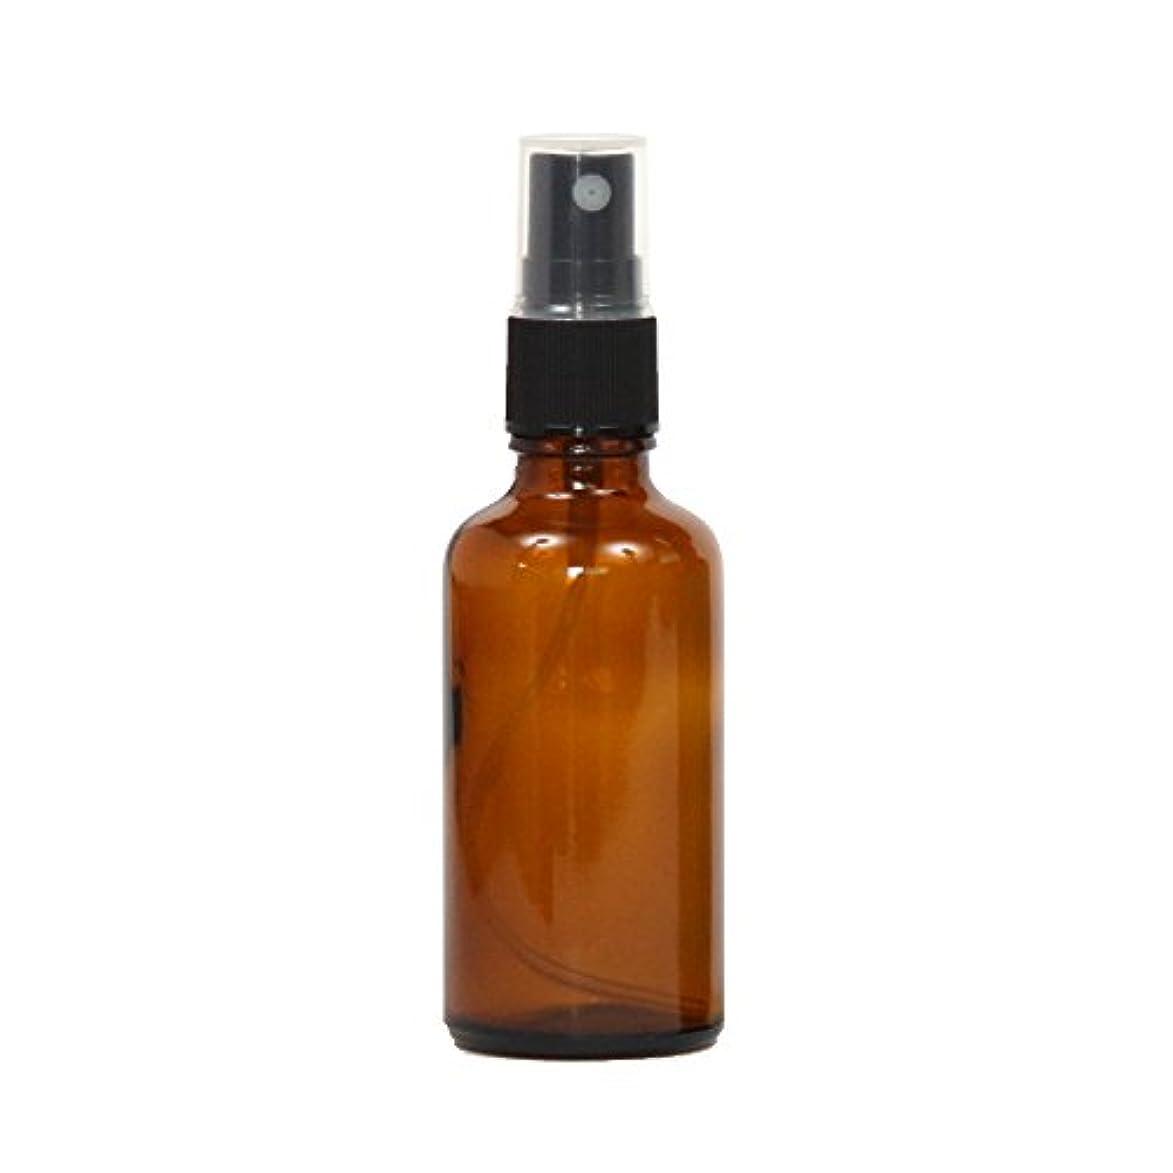 スプレーボトル ガラス瓶 50mL 遮光性ブラウン(アンバー) おしゃれアトマイザー ミスト空容器br50g